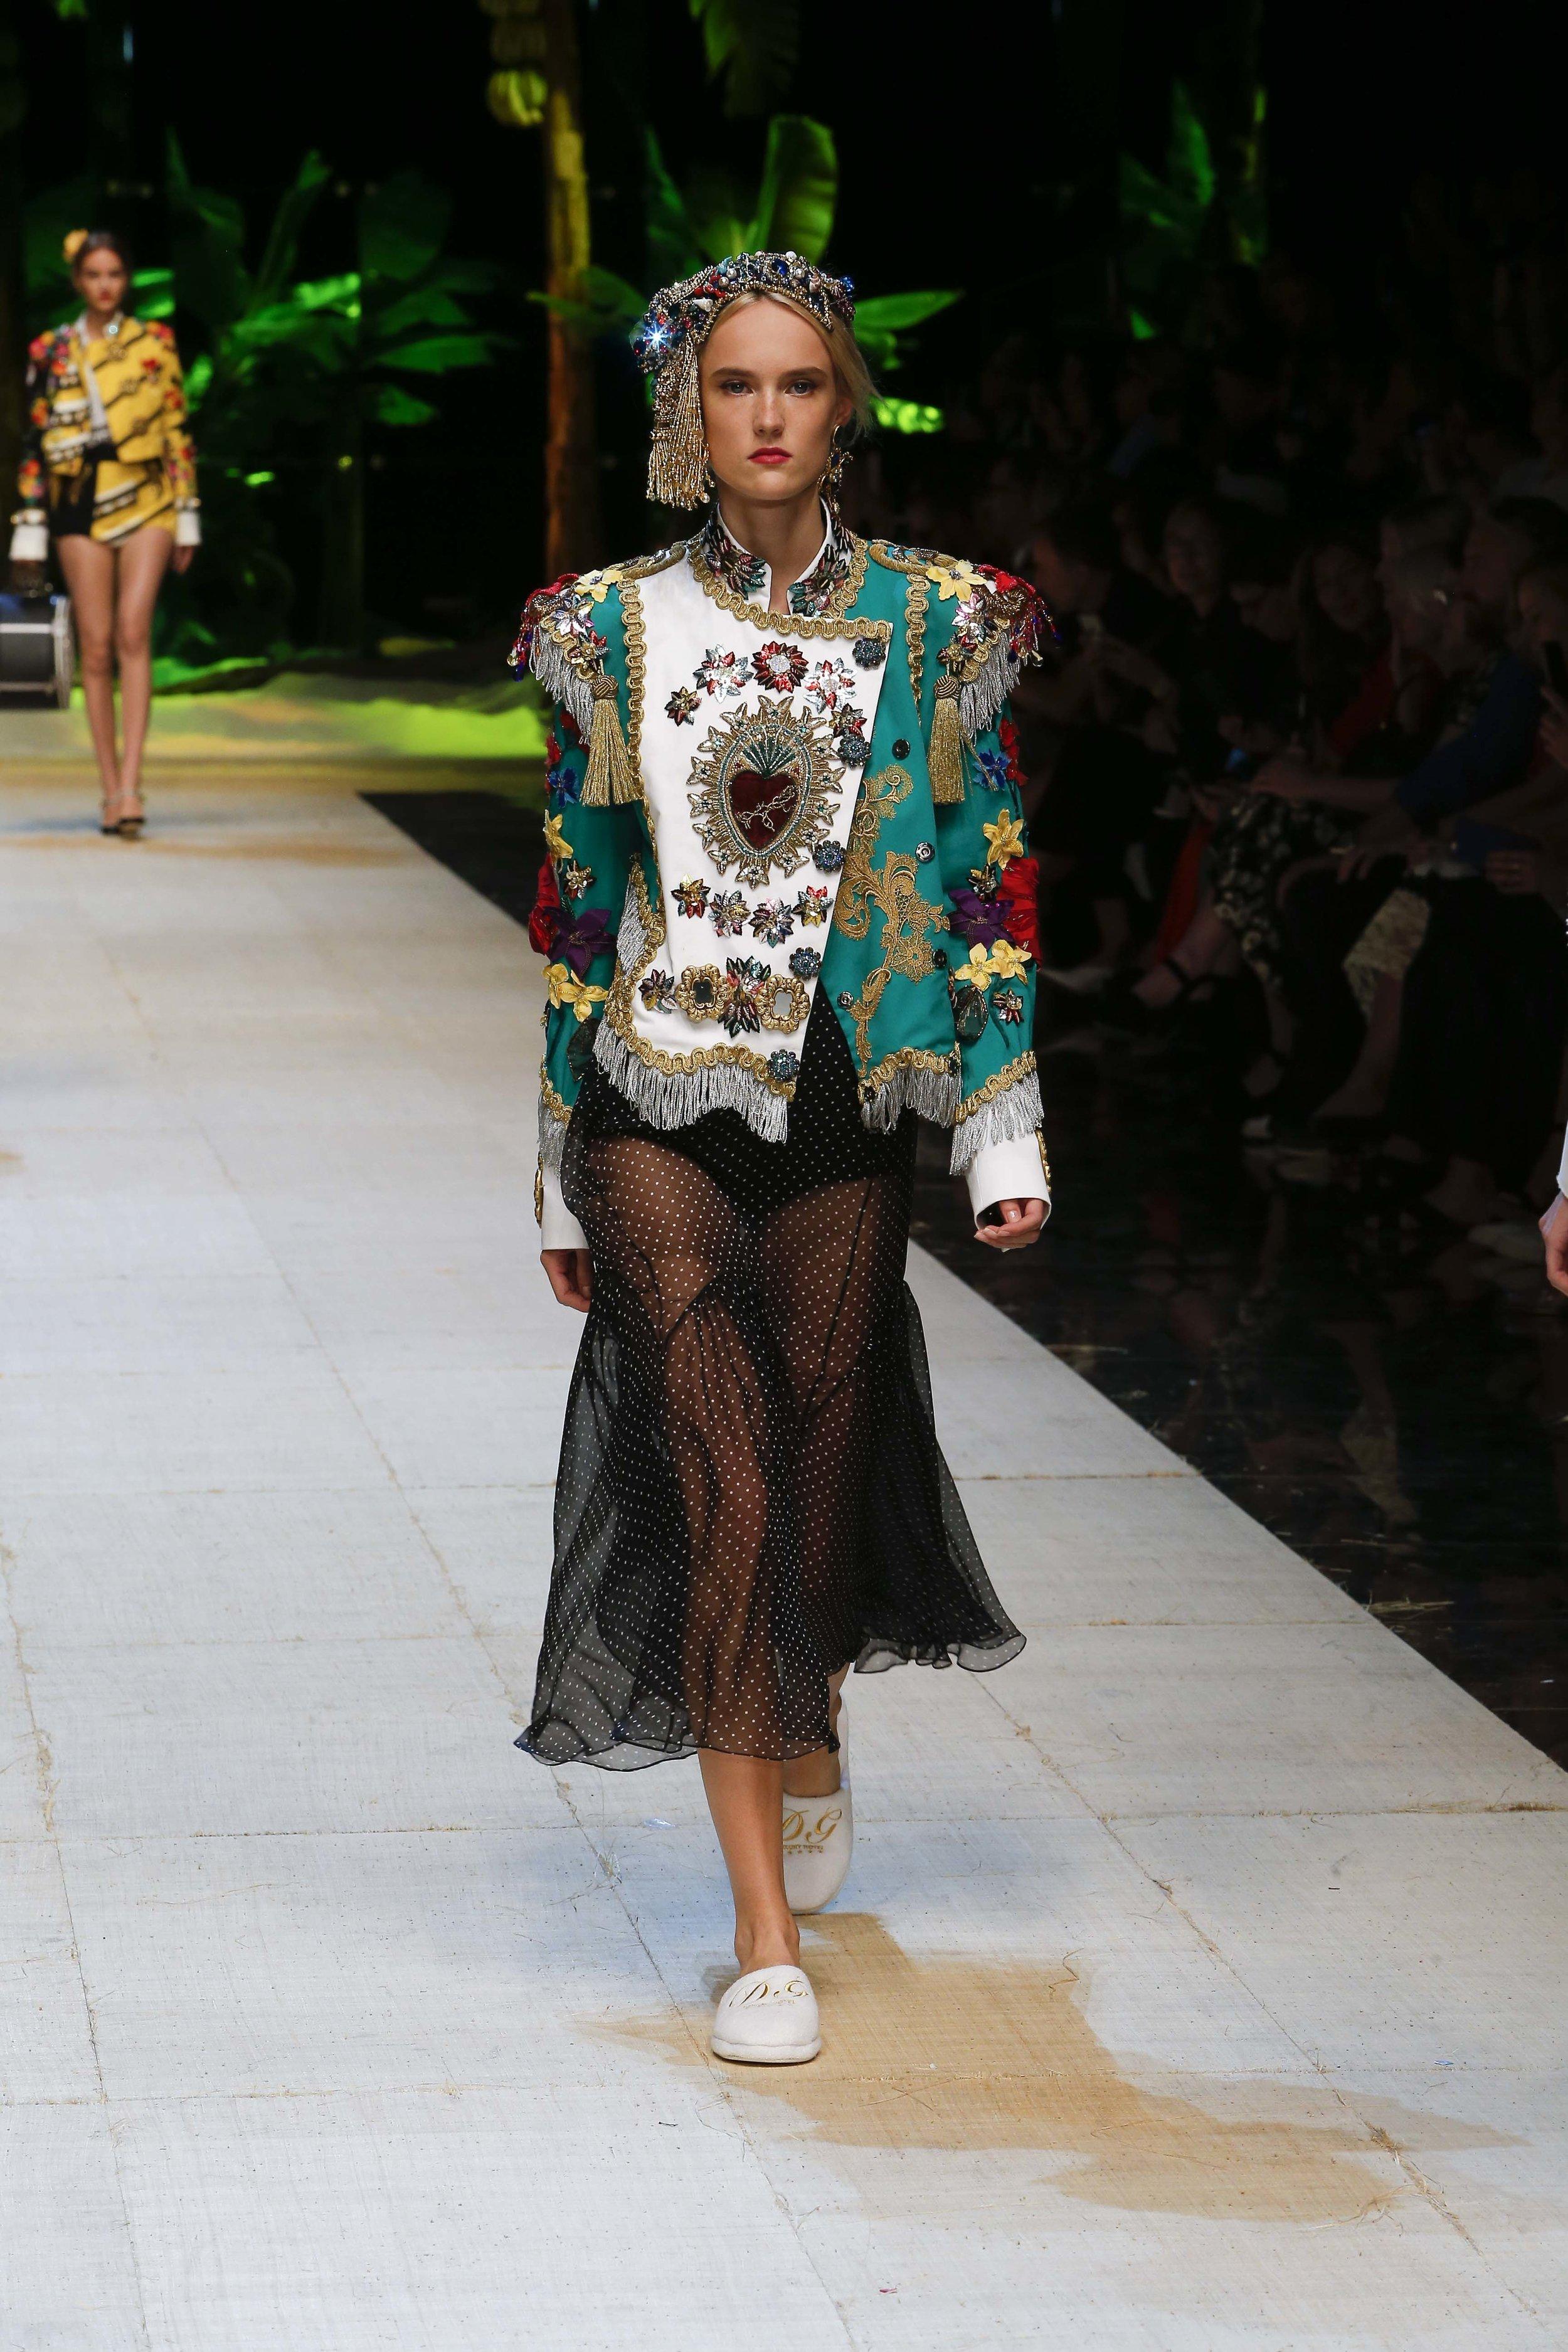 Dolce&Gabbana_women's_fashion_show_SS17 (2).jpg